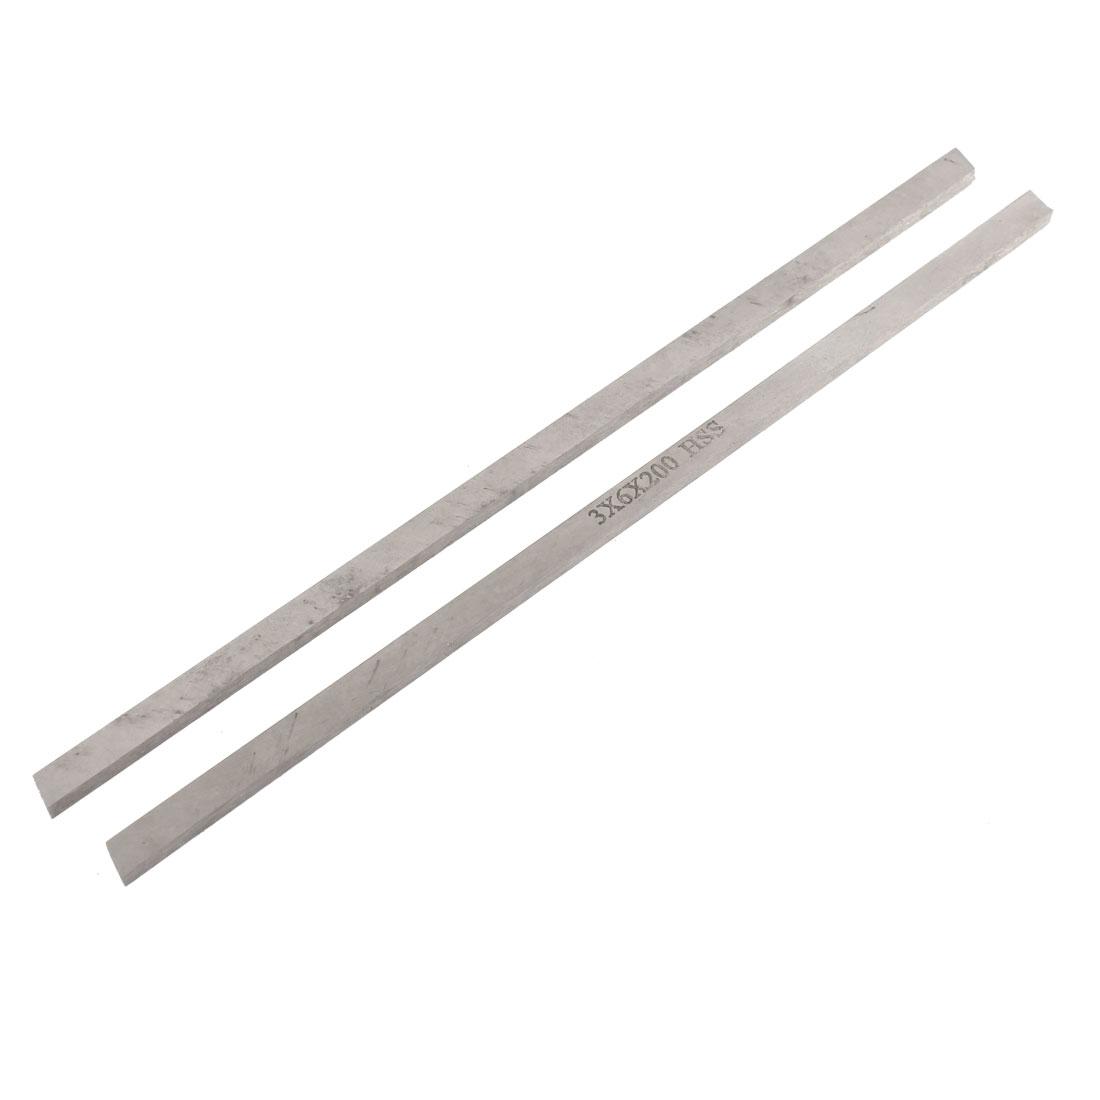 CNC Lathe HSS Parallelogram Bit Cutting Boring Bar Cutter Tool 3mmx6mmx200mm 2pcs